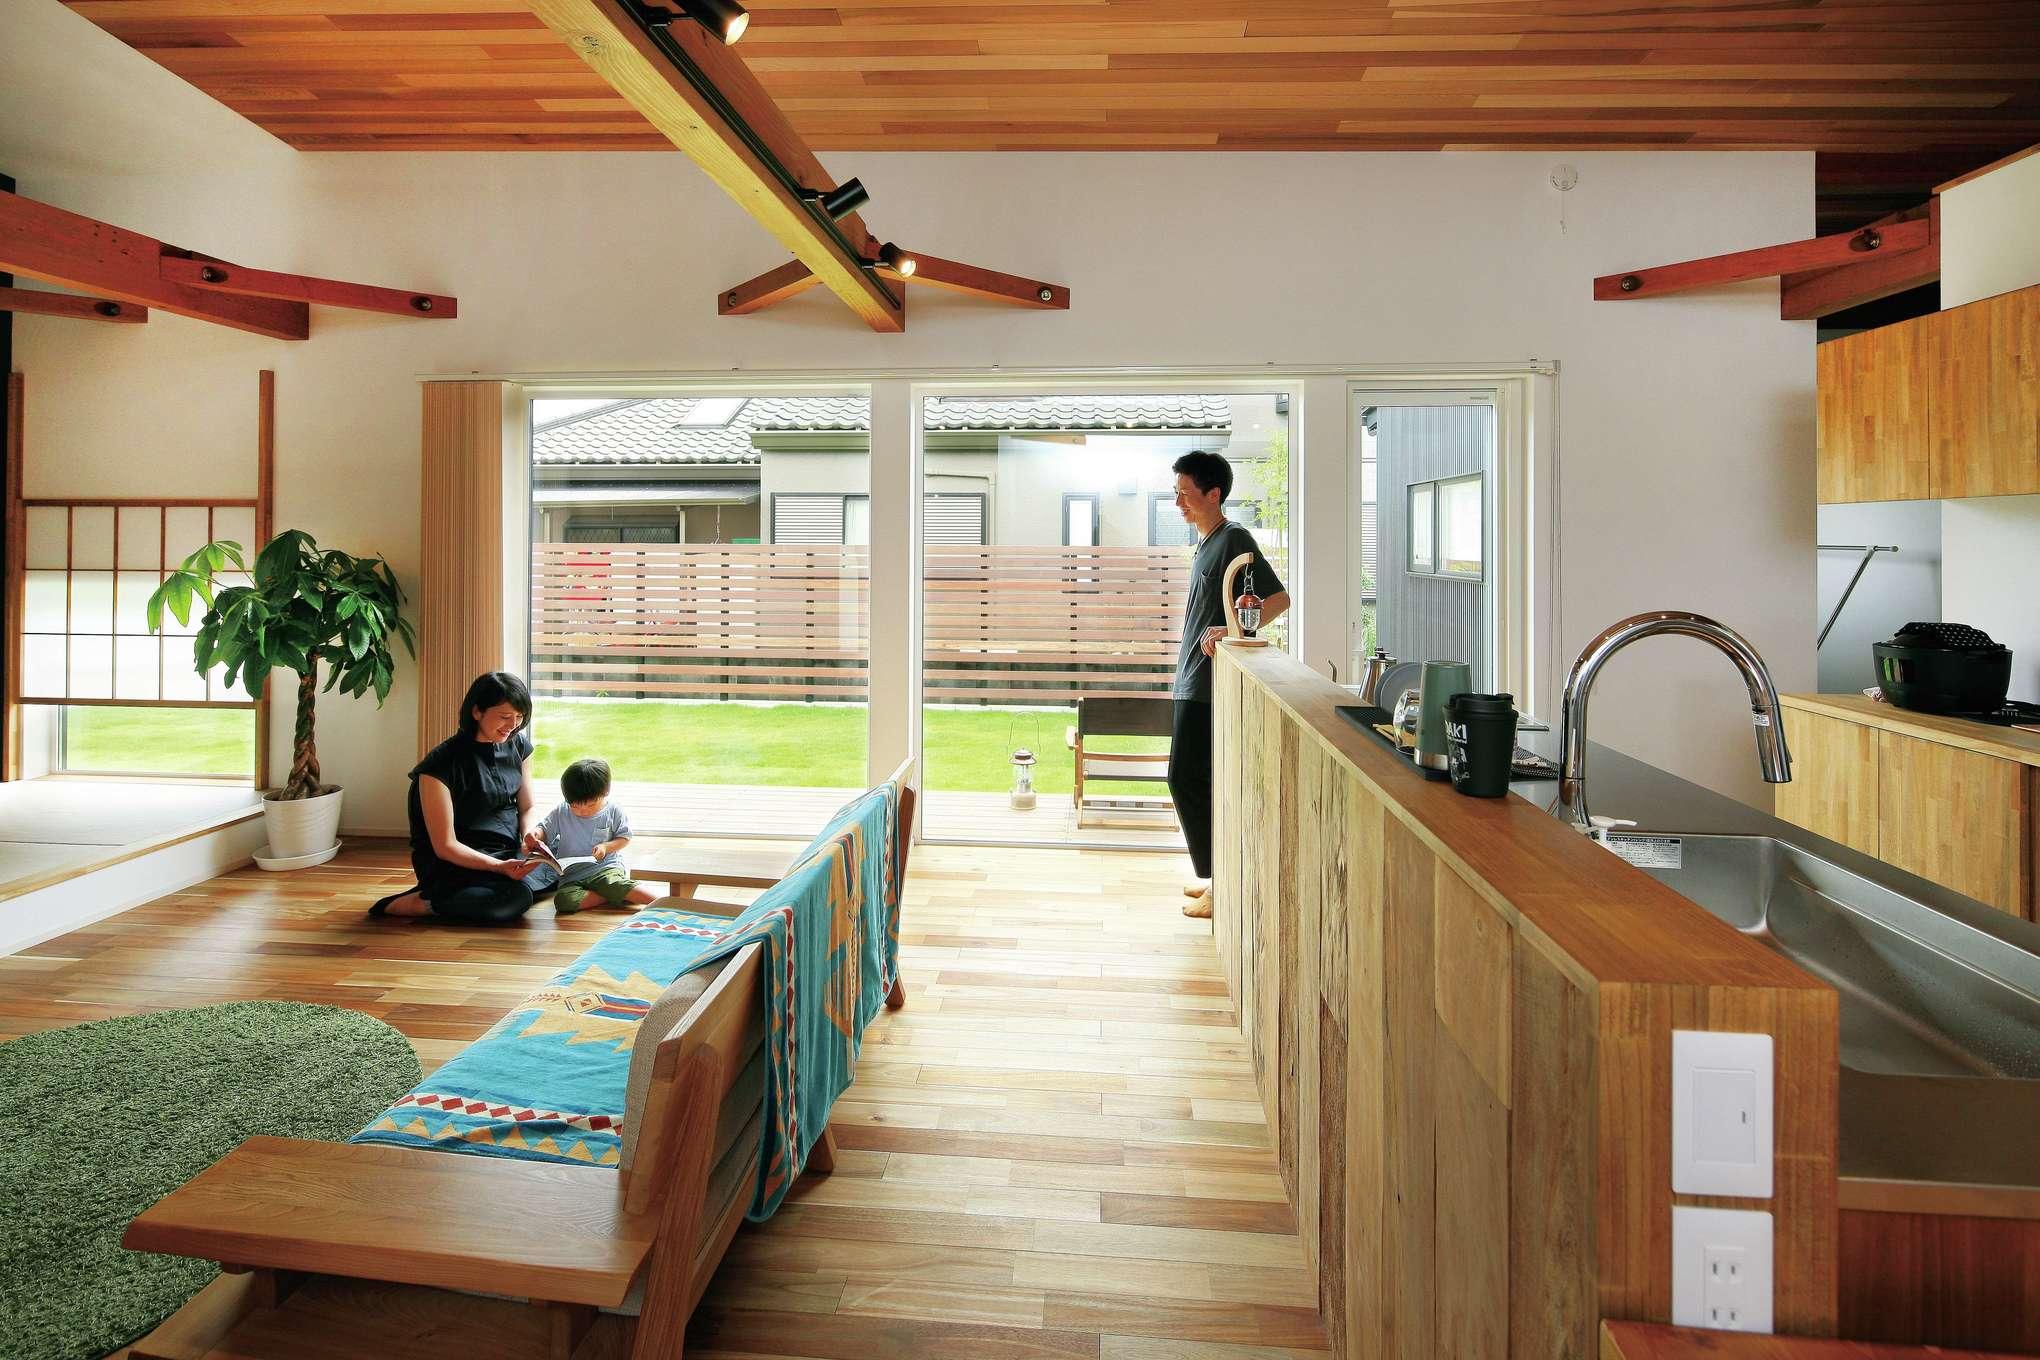 共感住宅 ray-out (レイアウト)【デザイン住宅、趣味、間取り】額縁入りの絵画のように庭の景観を楽しむことの出来るLDK。室内に居ながらアウトドア気分を味わえ、外との繋がりが開放的な空間をより一層引き立てている